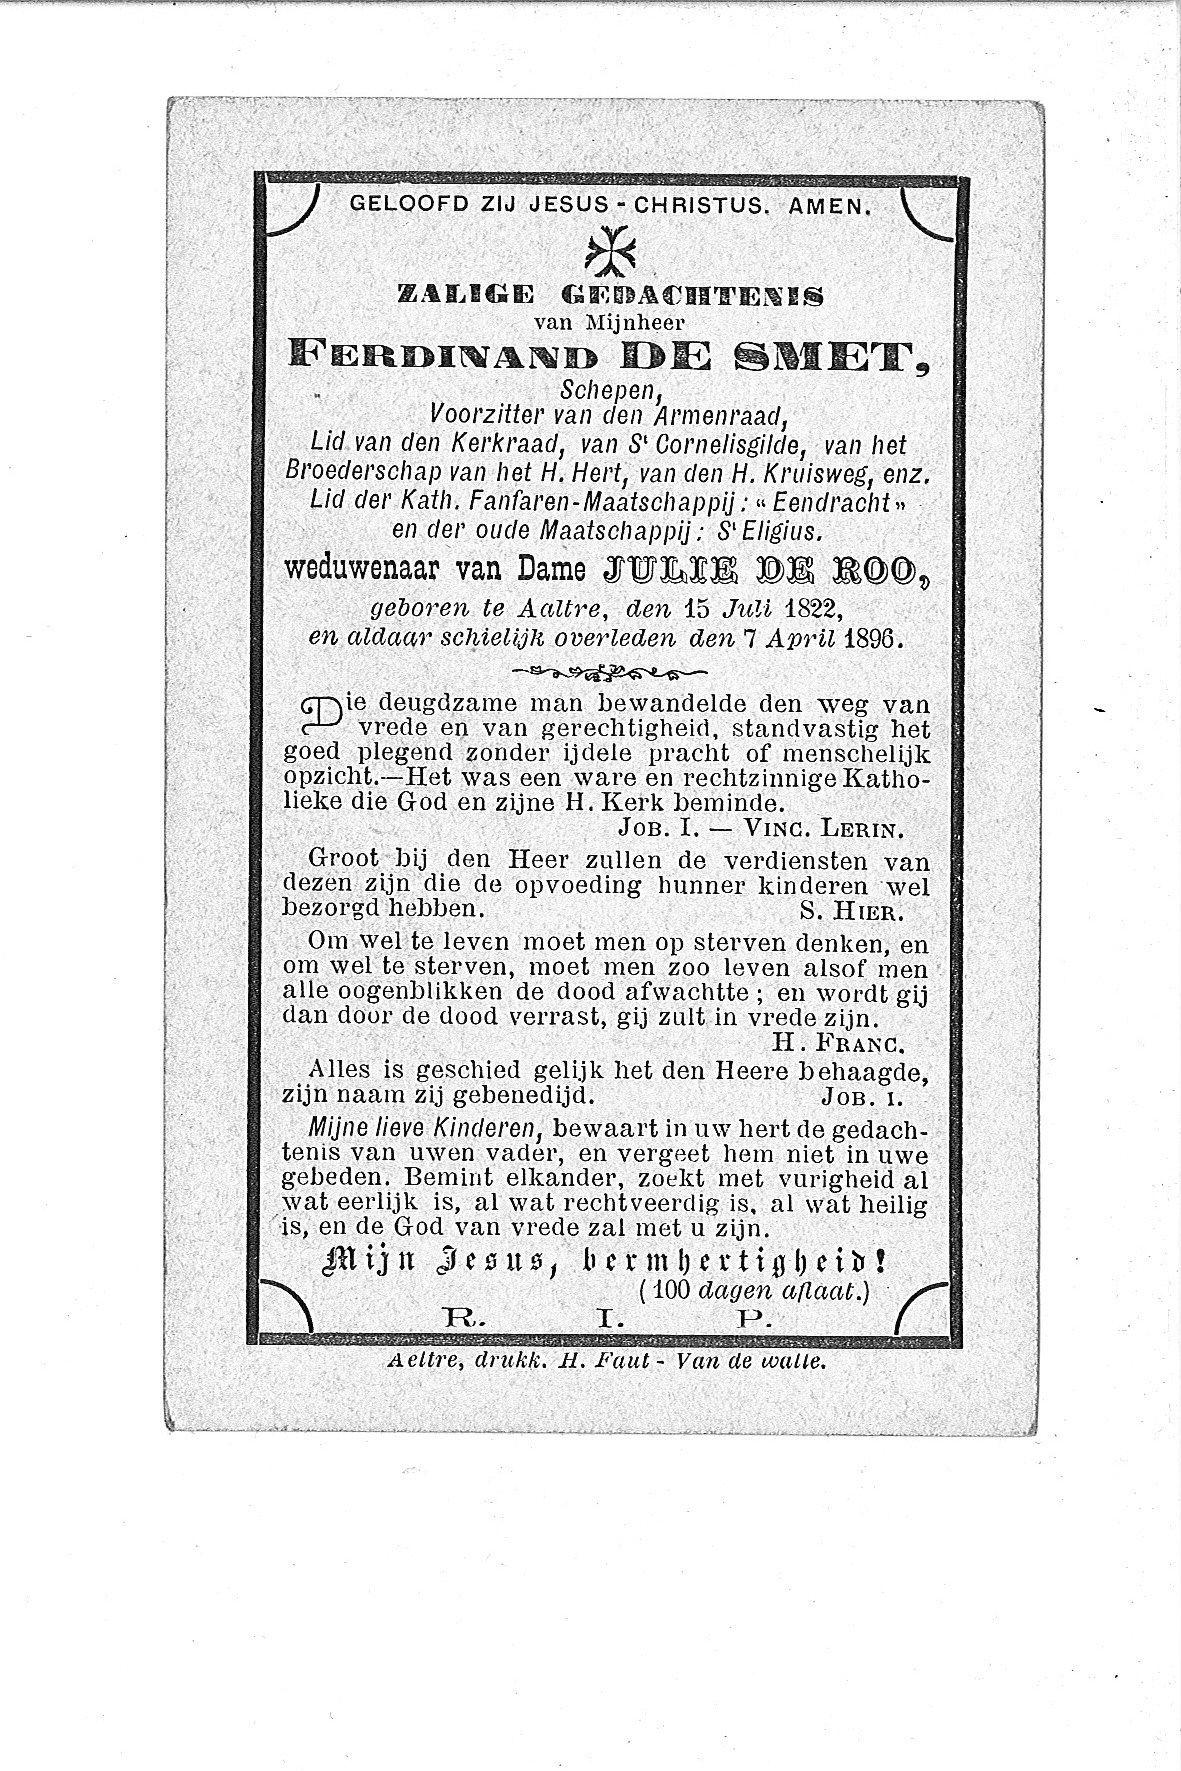 Ferdinand (1896) 20091016134529_00036.jpg